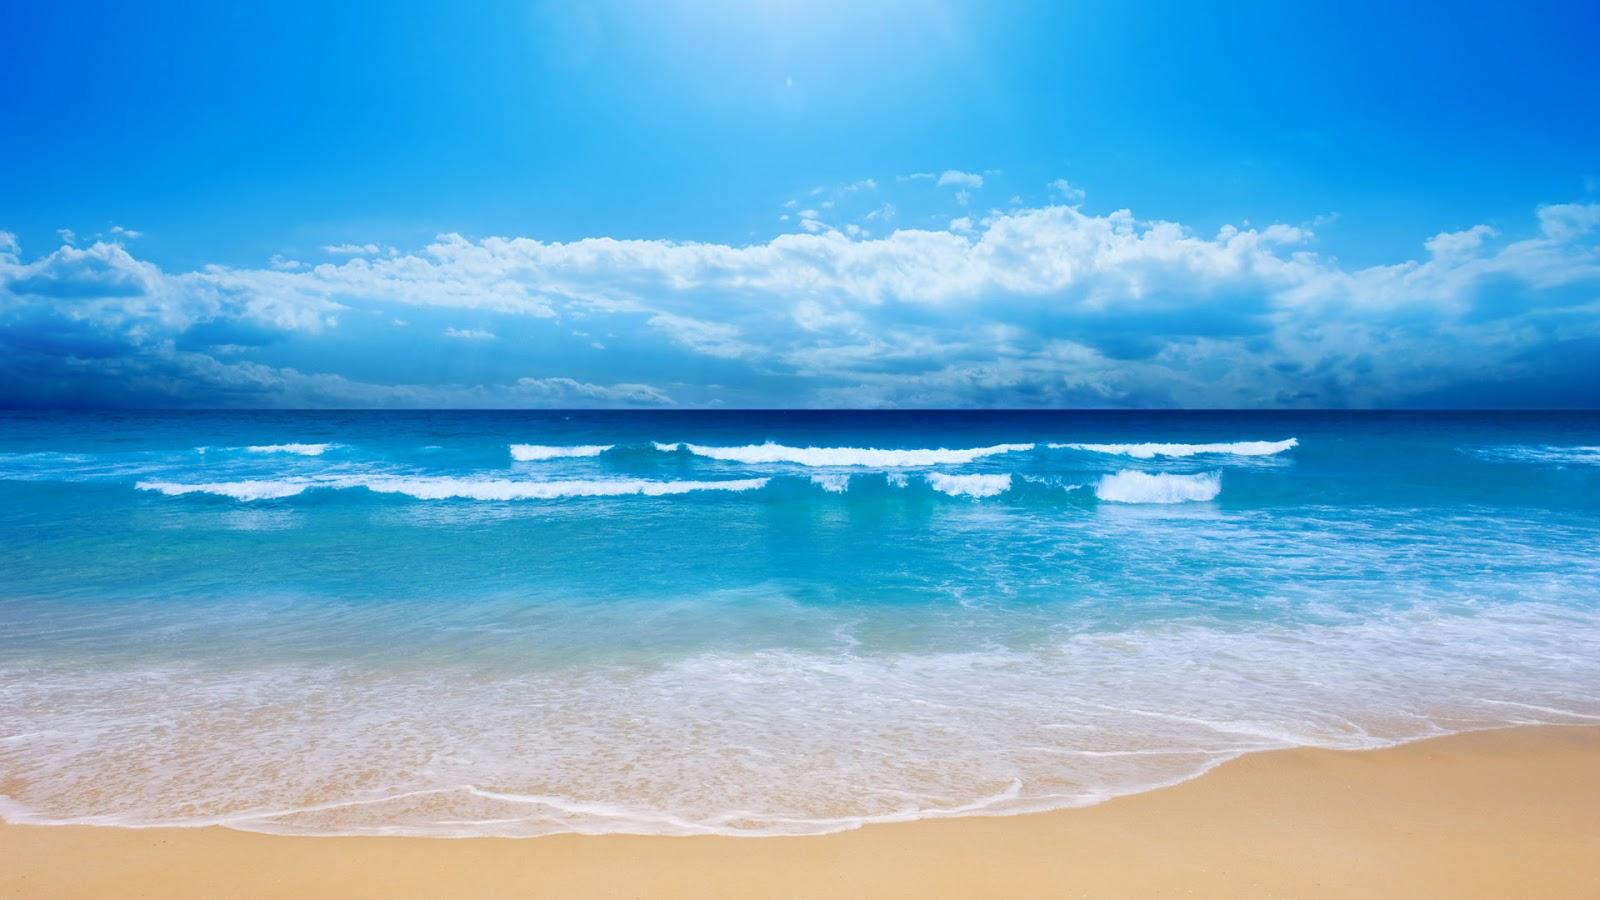 صور بحر خلفيات البحار والمياة بجودة HD (17)